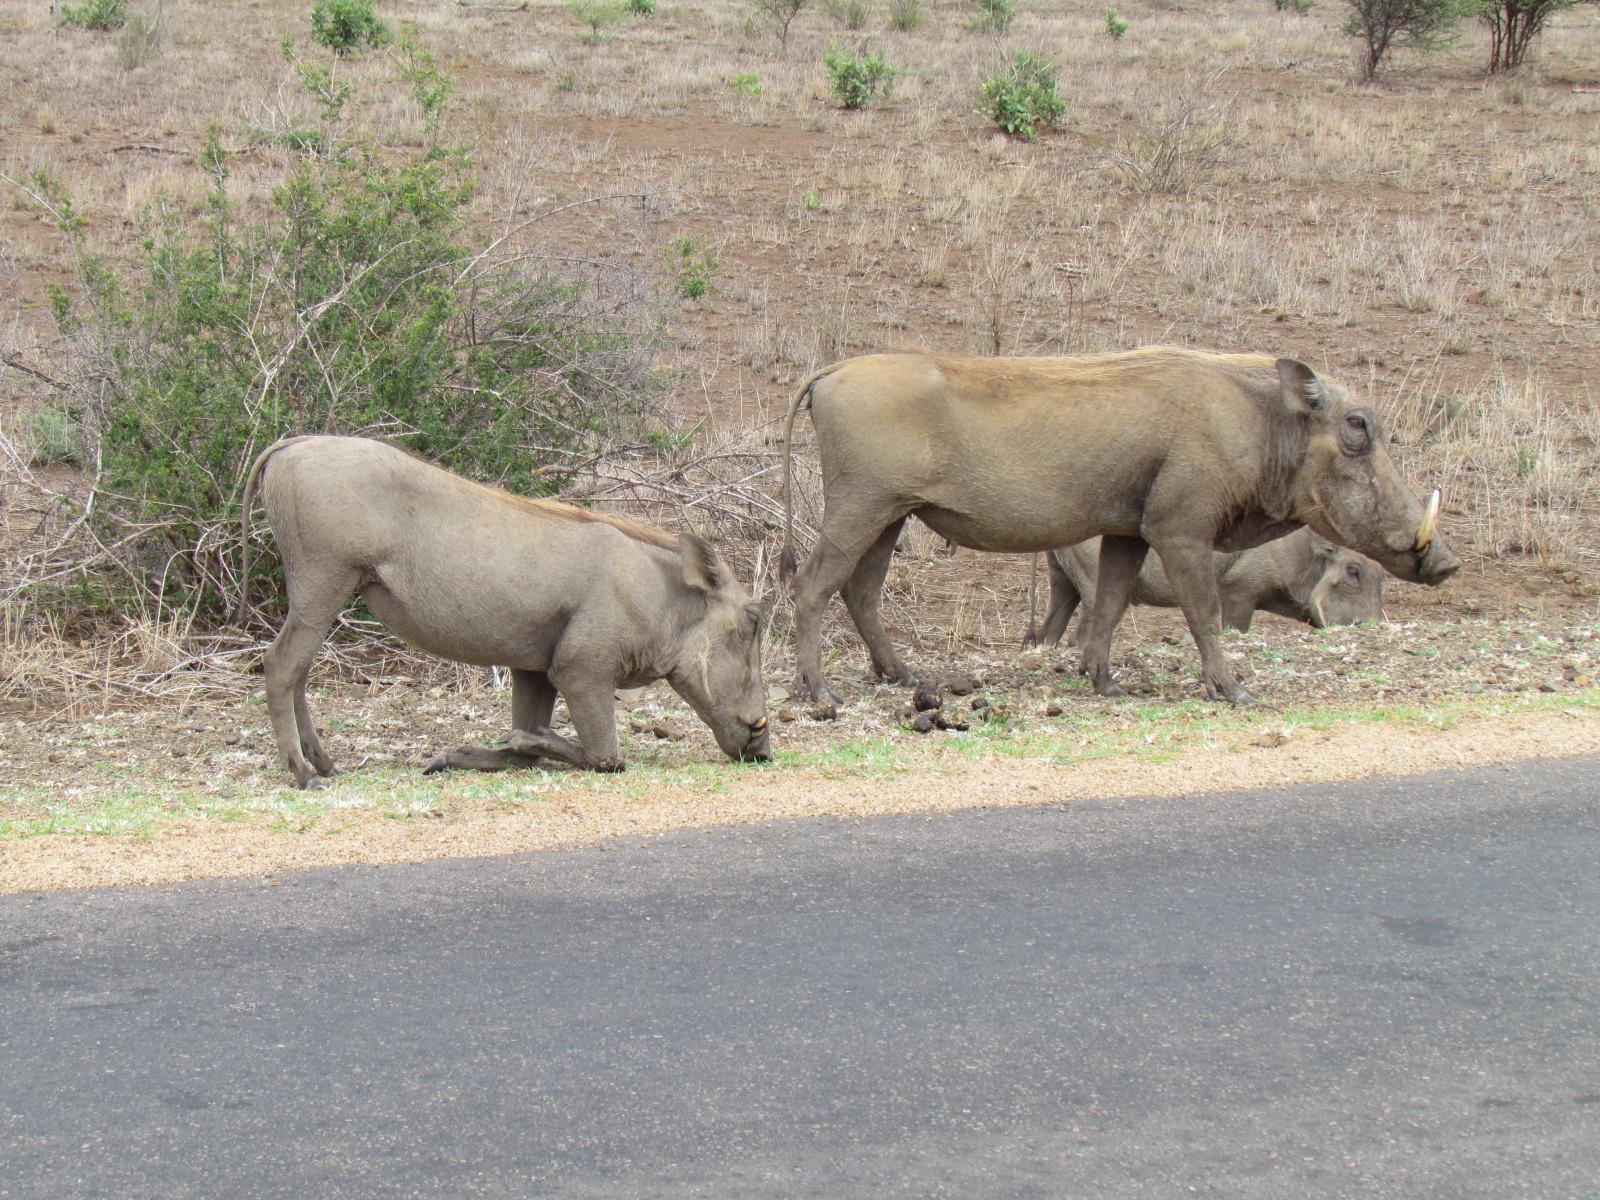 wrattenzwijnen grazen door de droogte vlak langs de weg